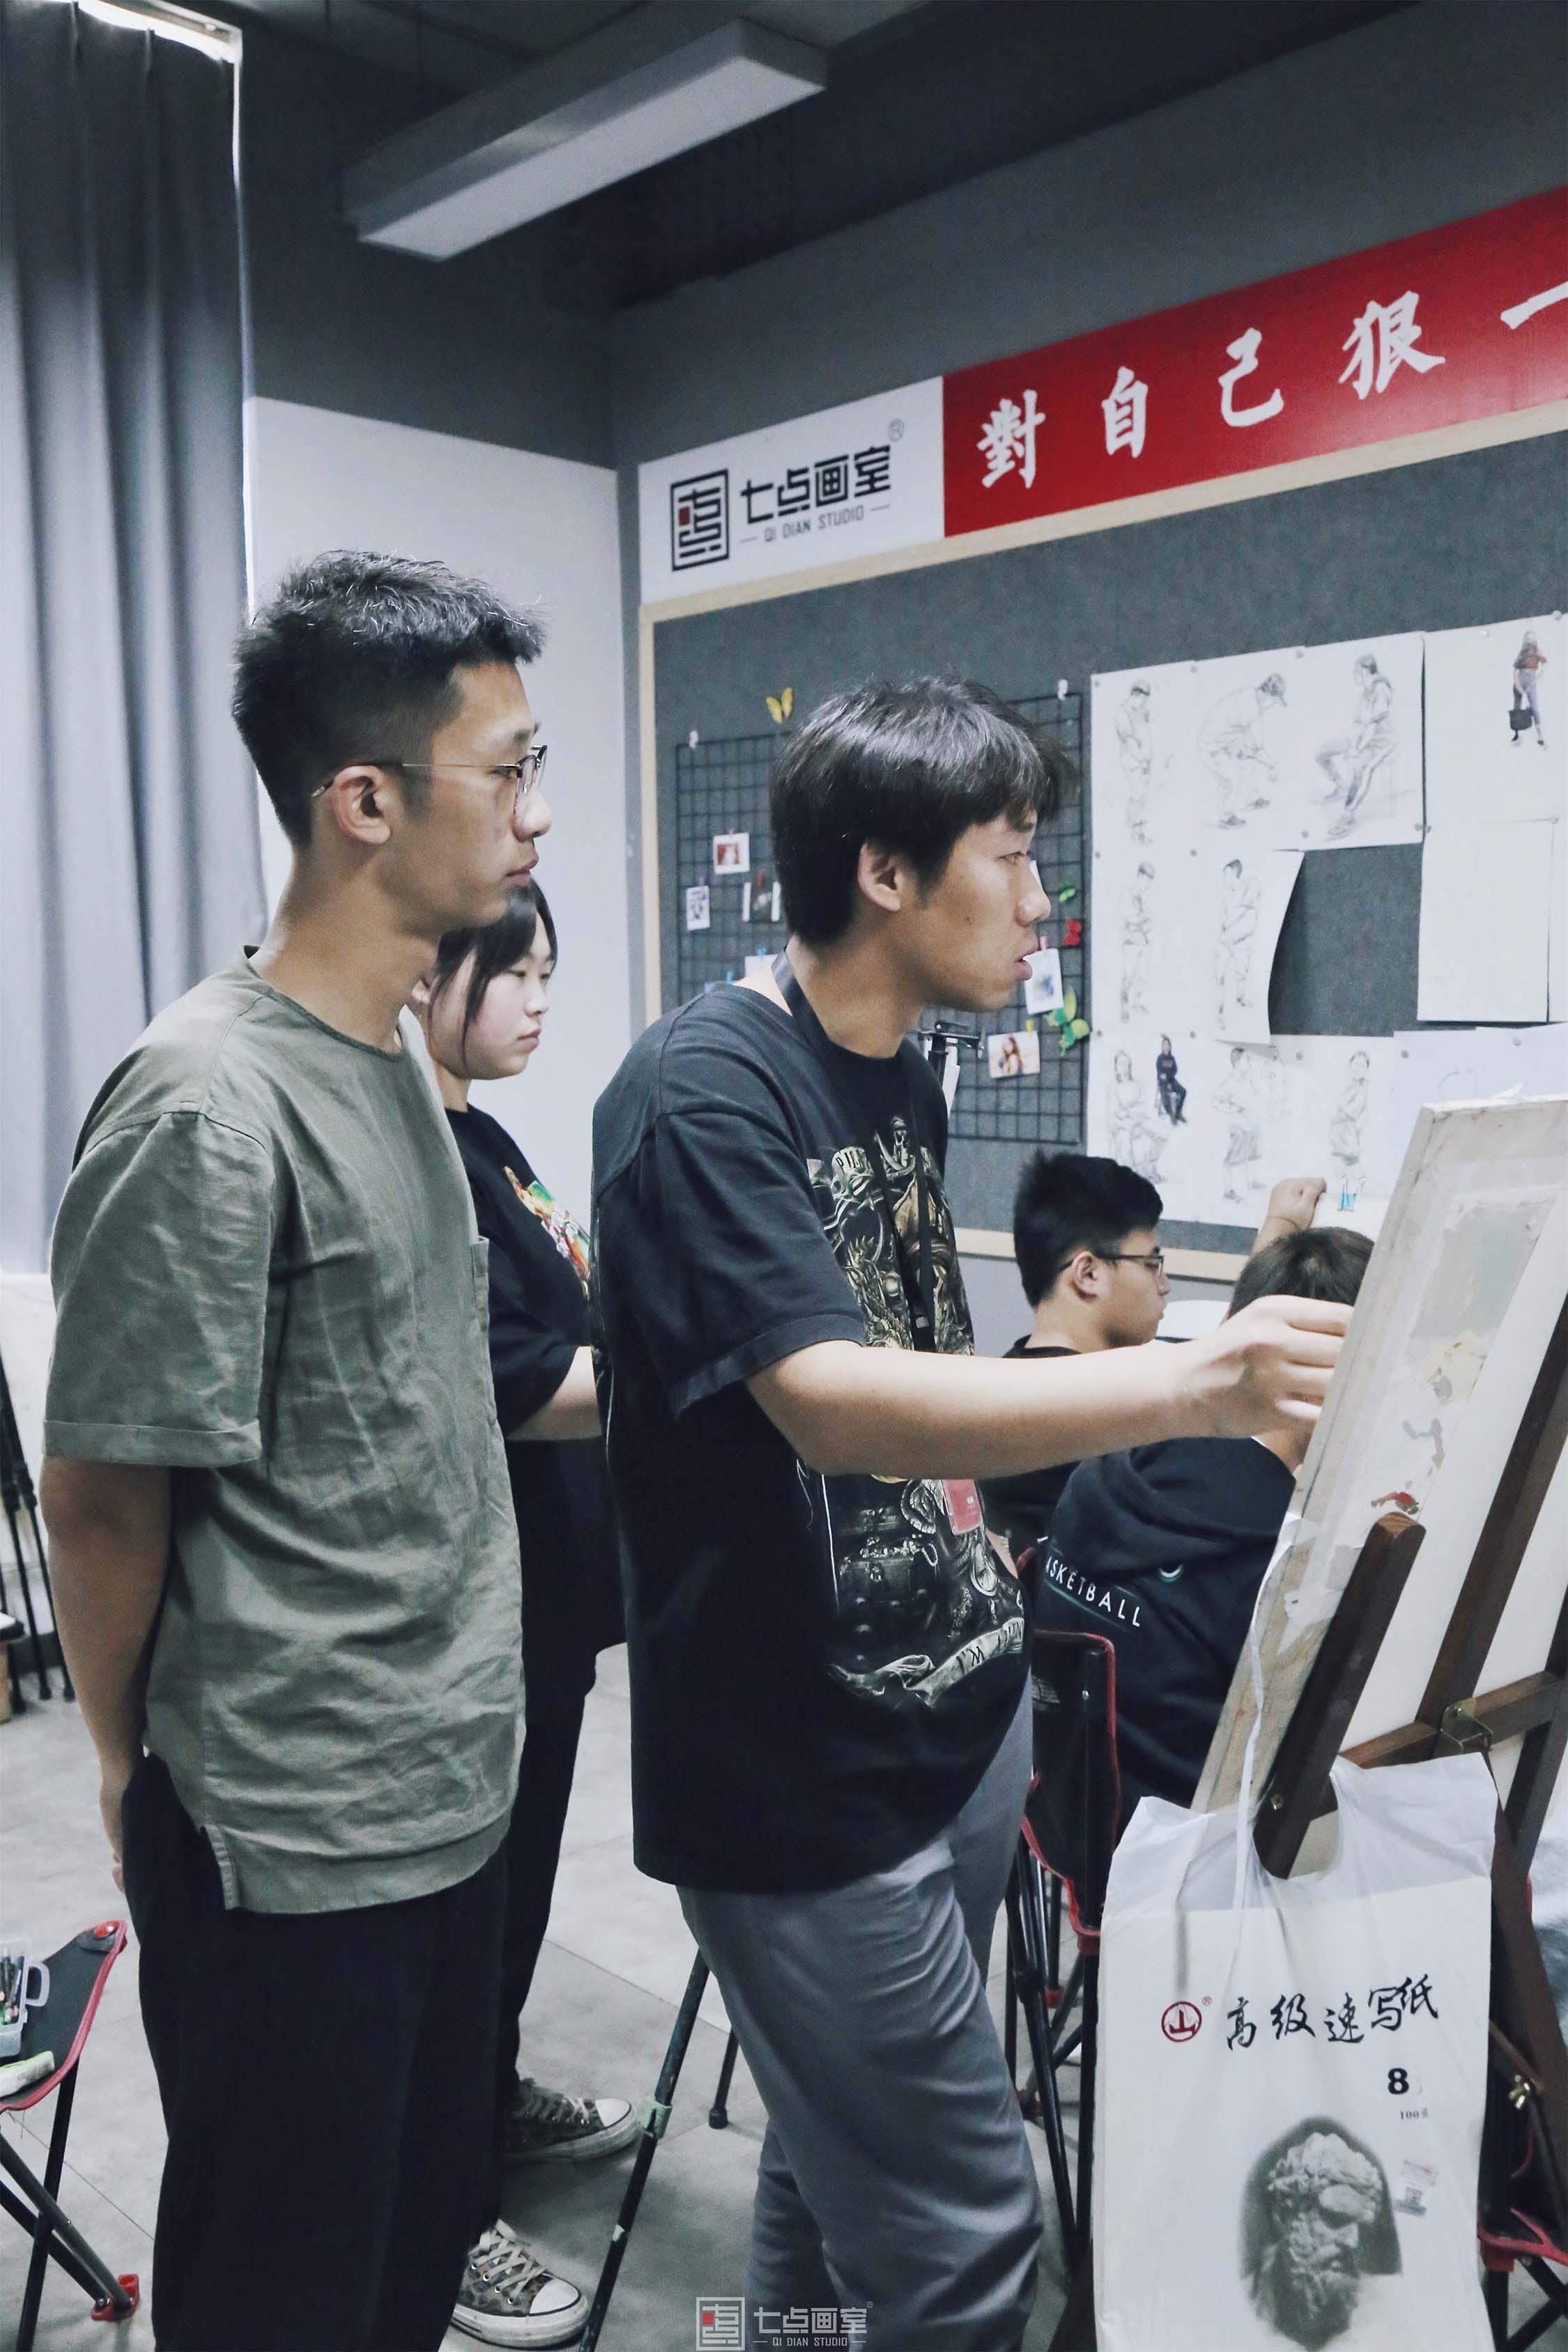 我们是美术老师